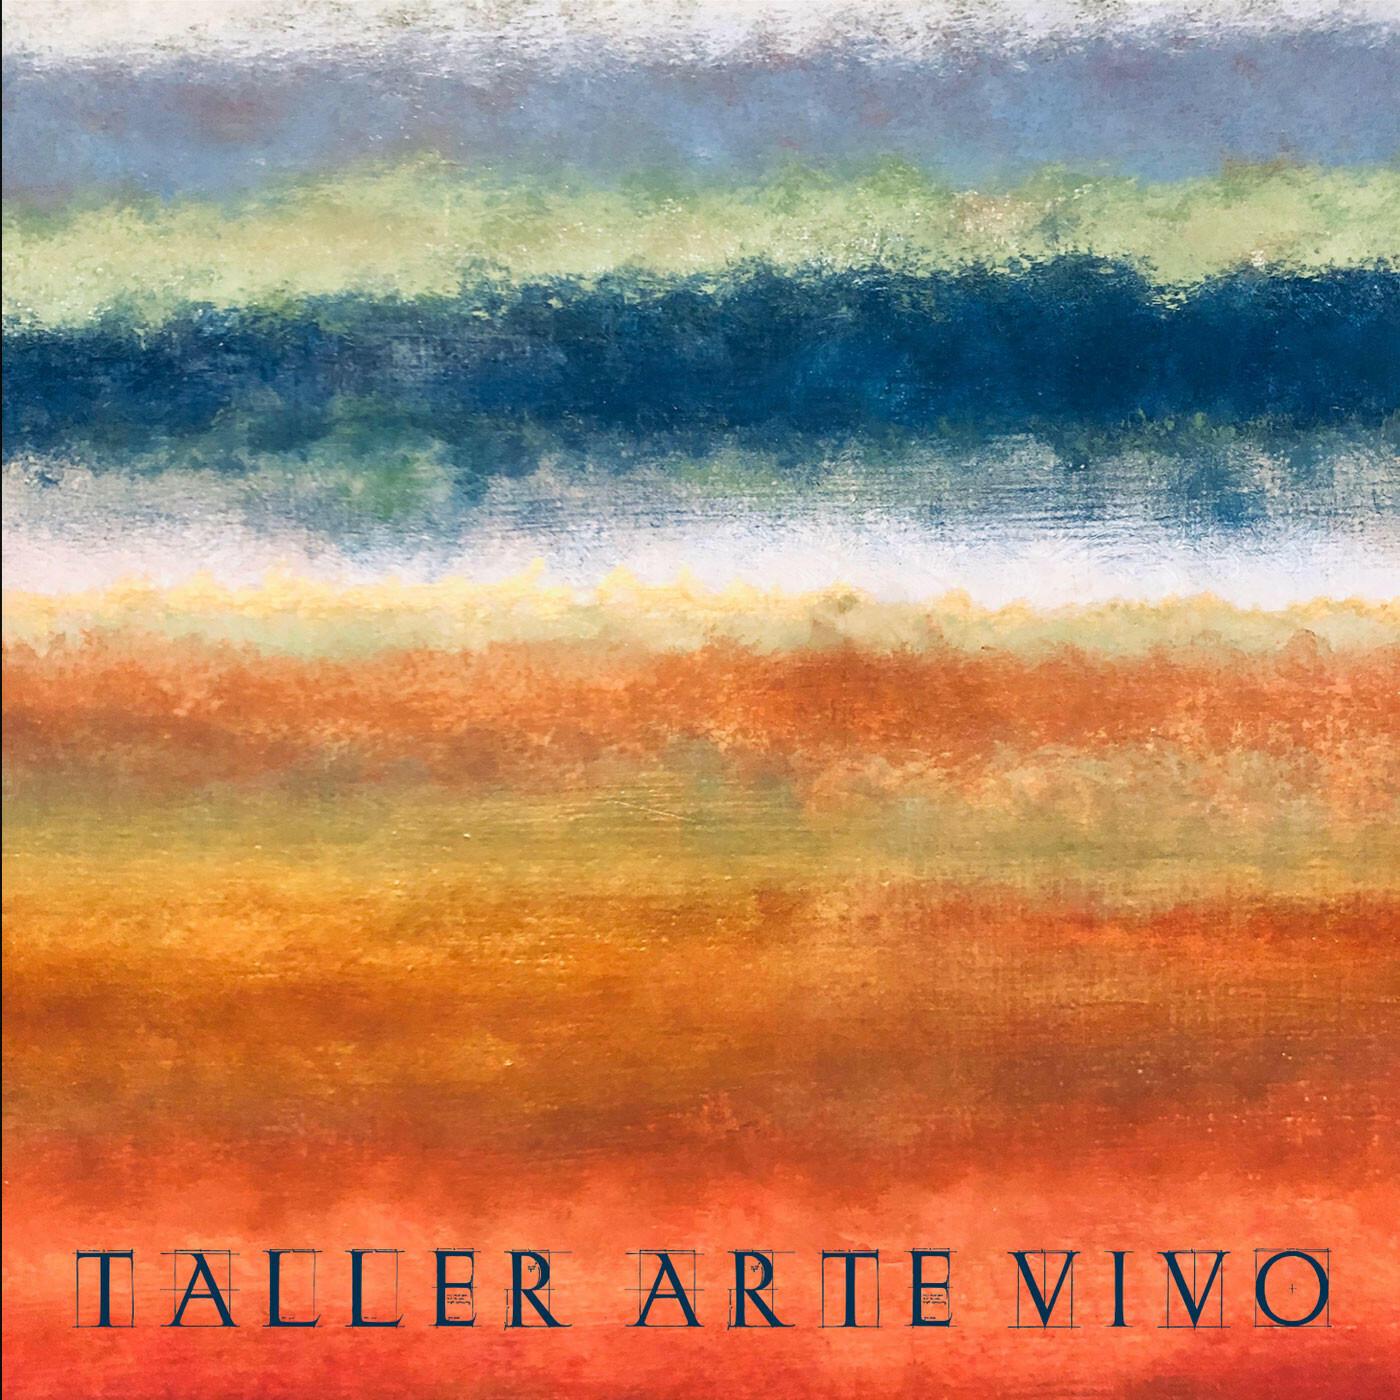 Taller Arte Vivo